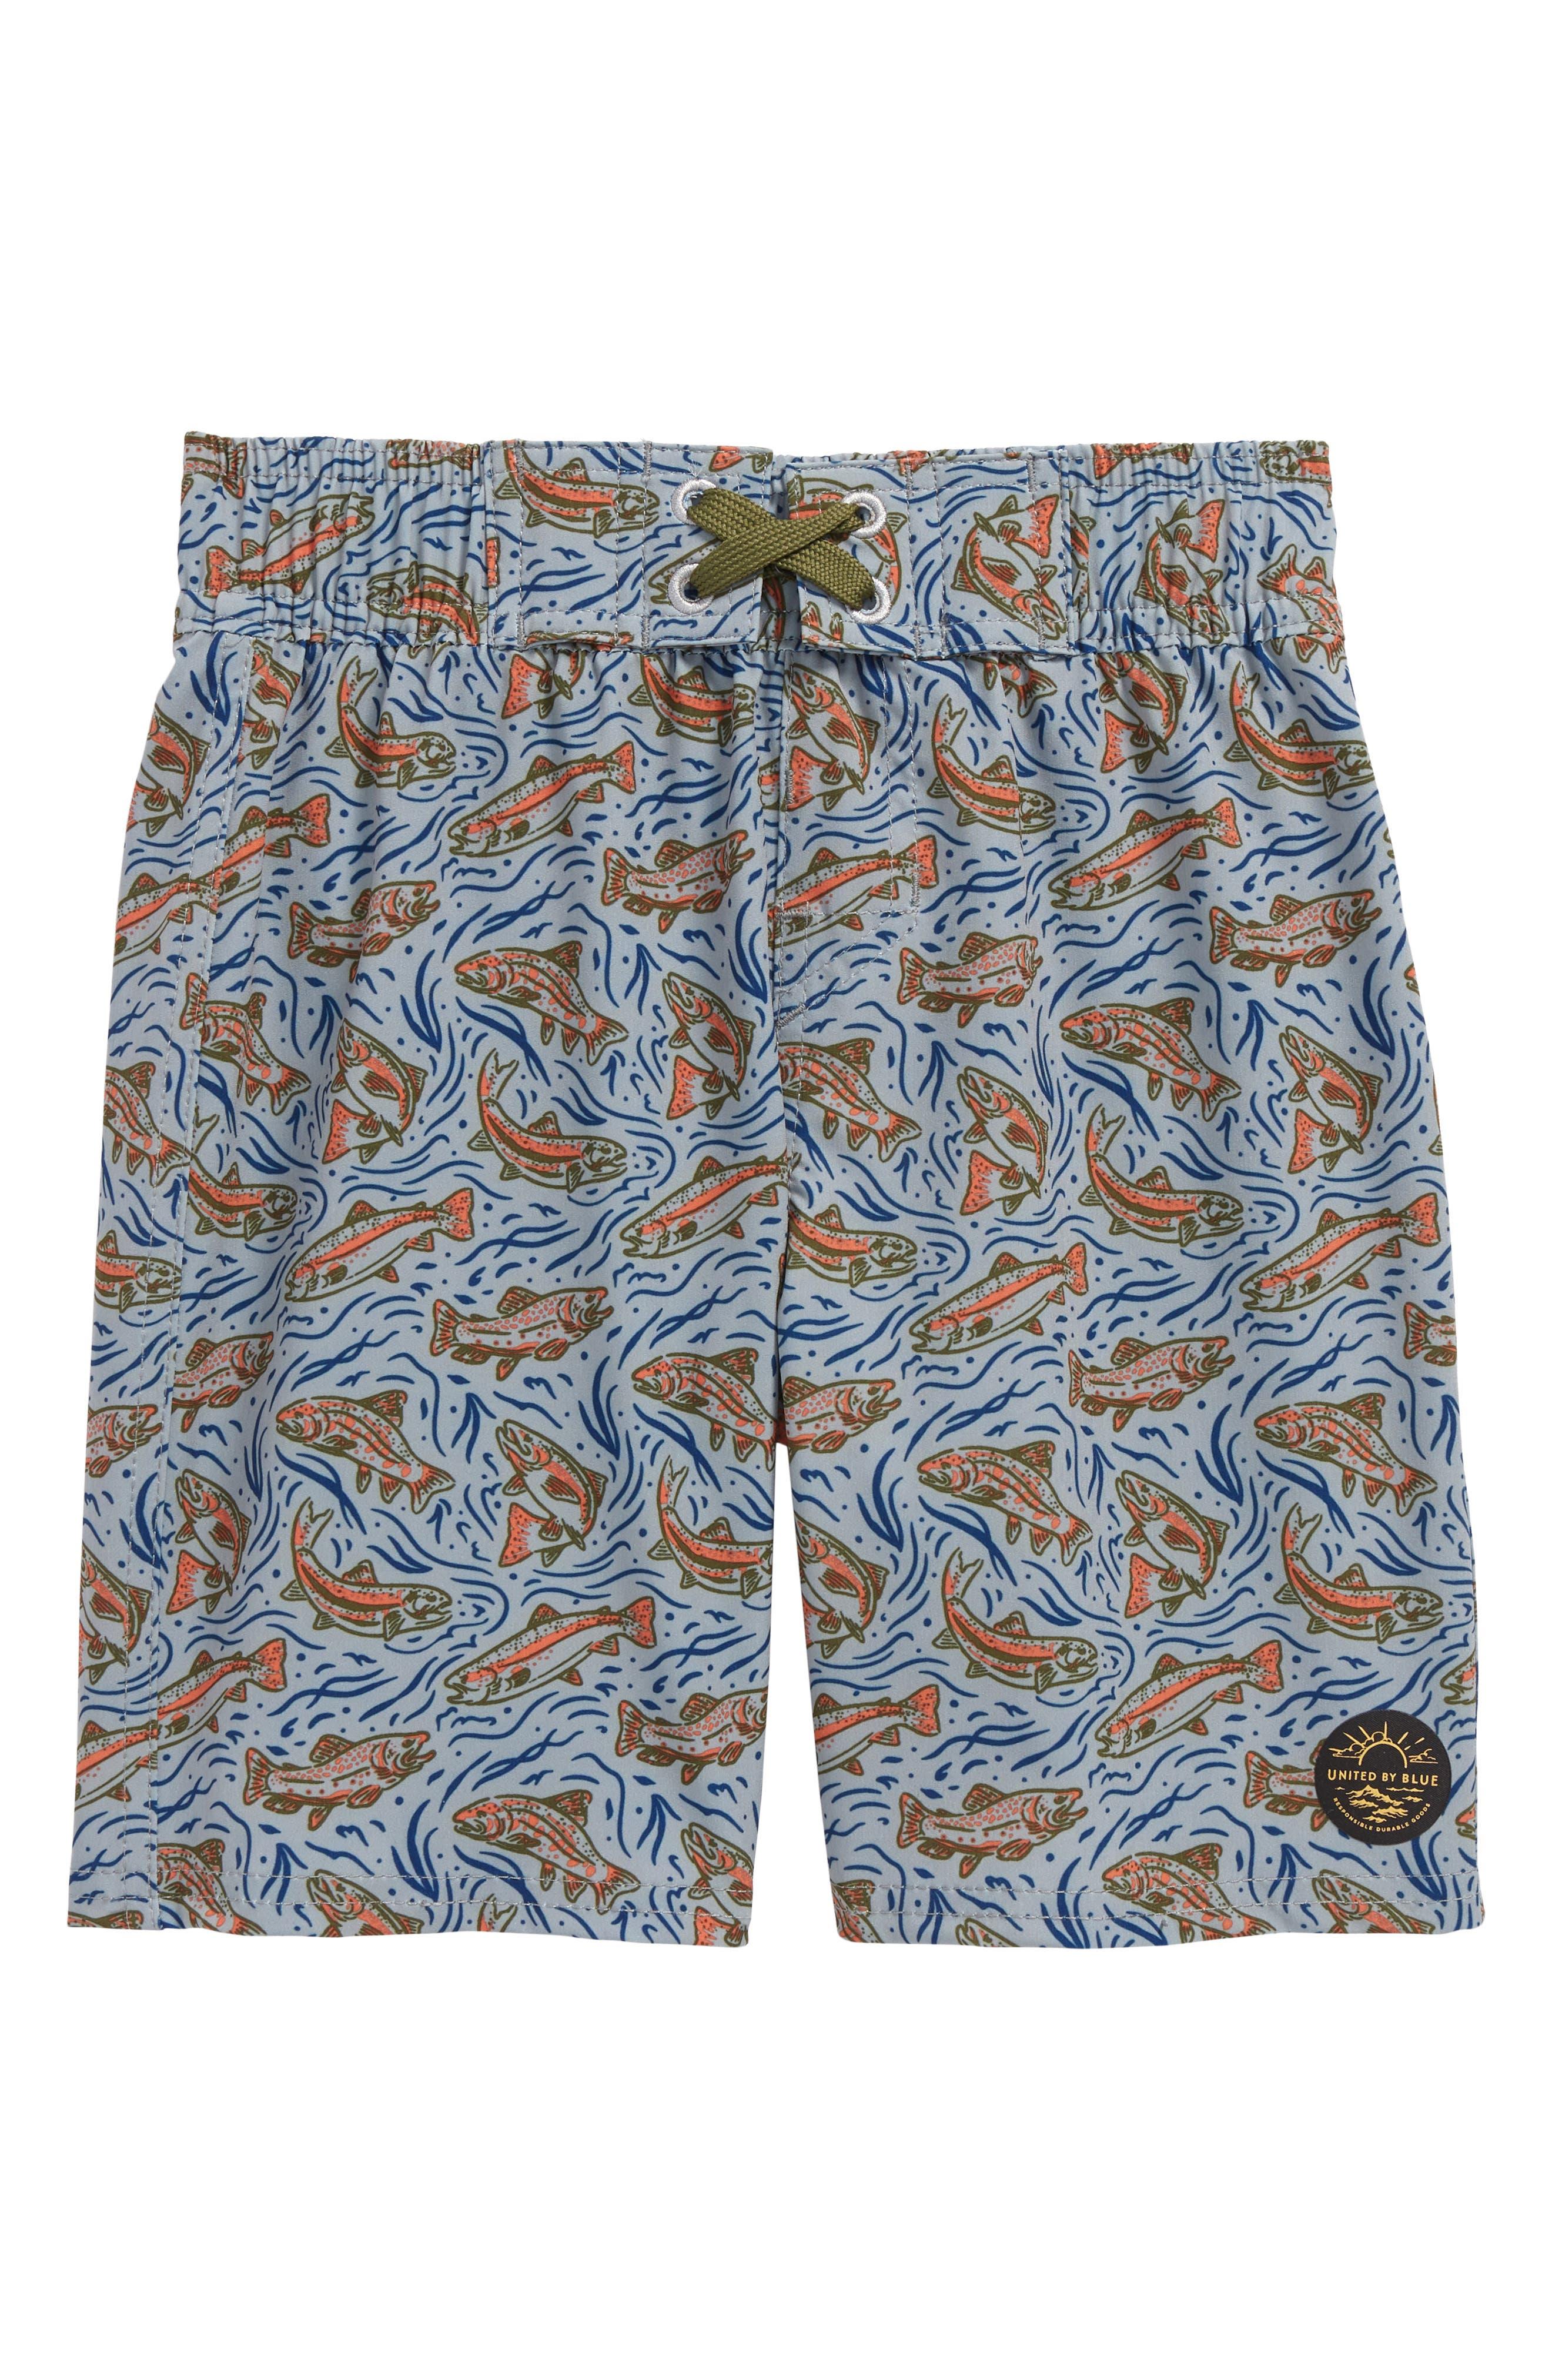 Upstream Board Shorts,                             Main thumbnail 1, color,                             020